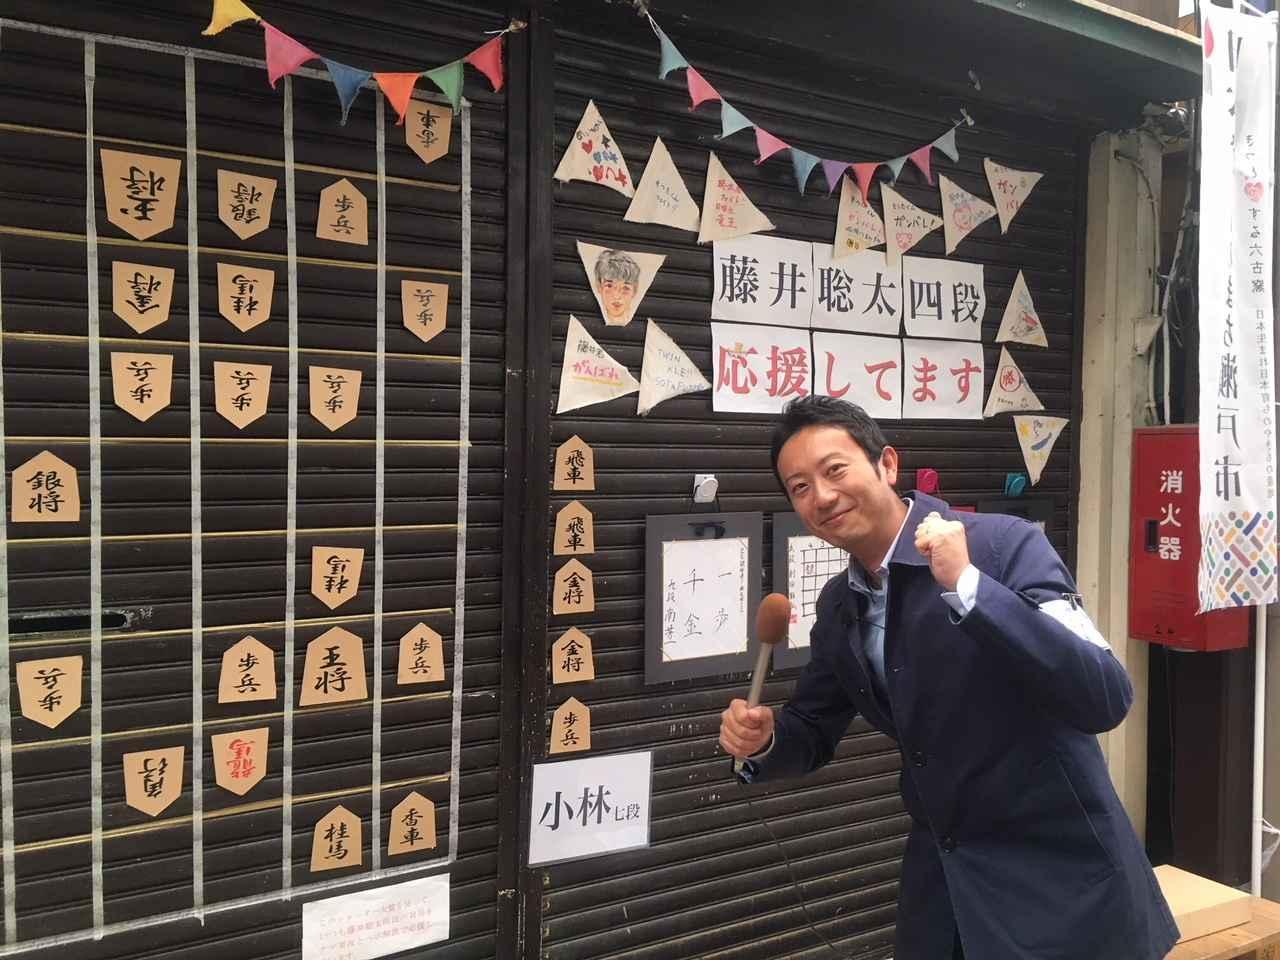 画像: 瀬戸・銀座通り商店街にある「シャッター盤」。 藤井四段の対局日にリアルタイム解説が行なわれる。